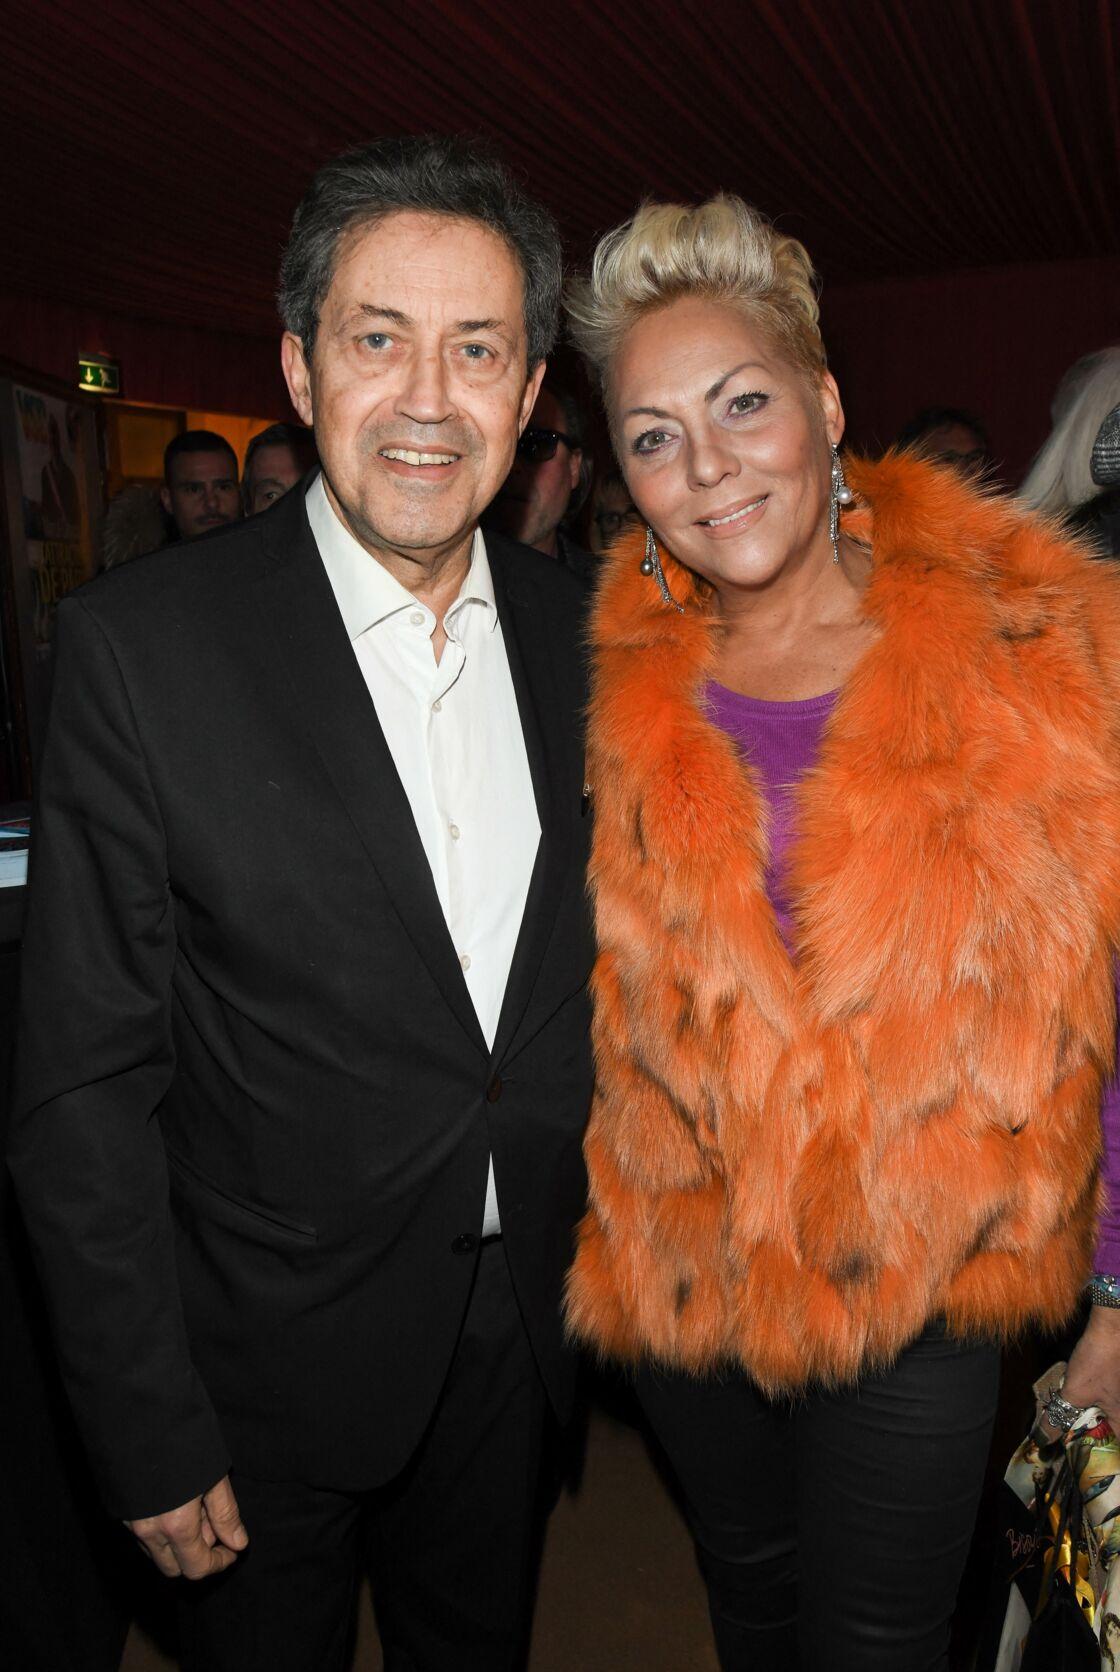 Georges Fenech et Hermine de Clermont-Tonnerre lors du 80ème anniversaire de Marcel Campion au cirque d'hiver de Paris, le 17 février 2020